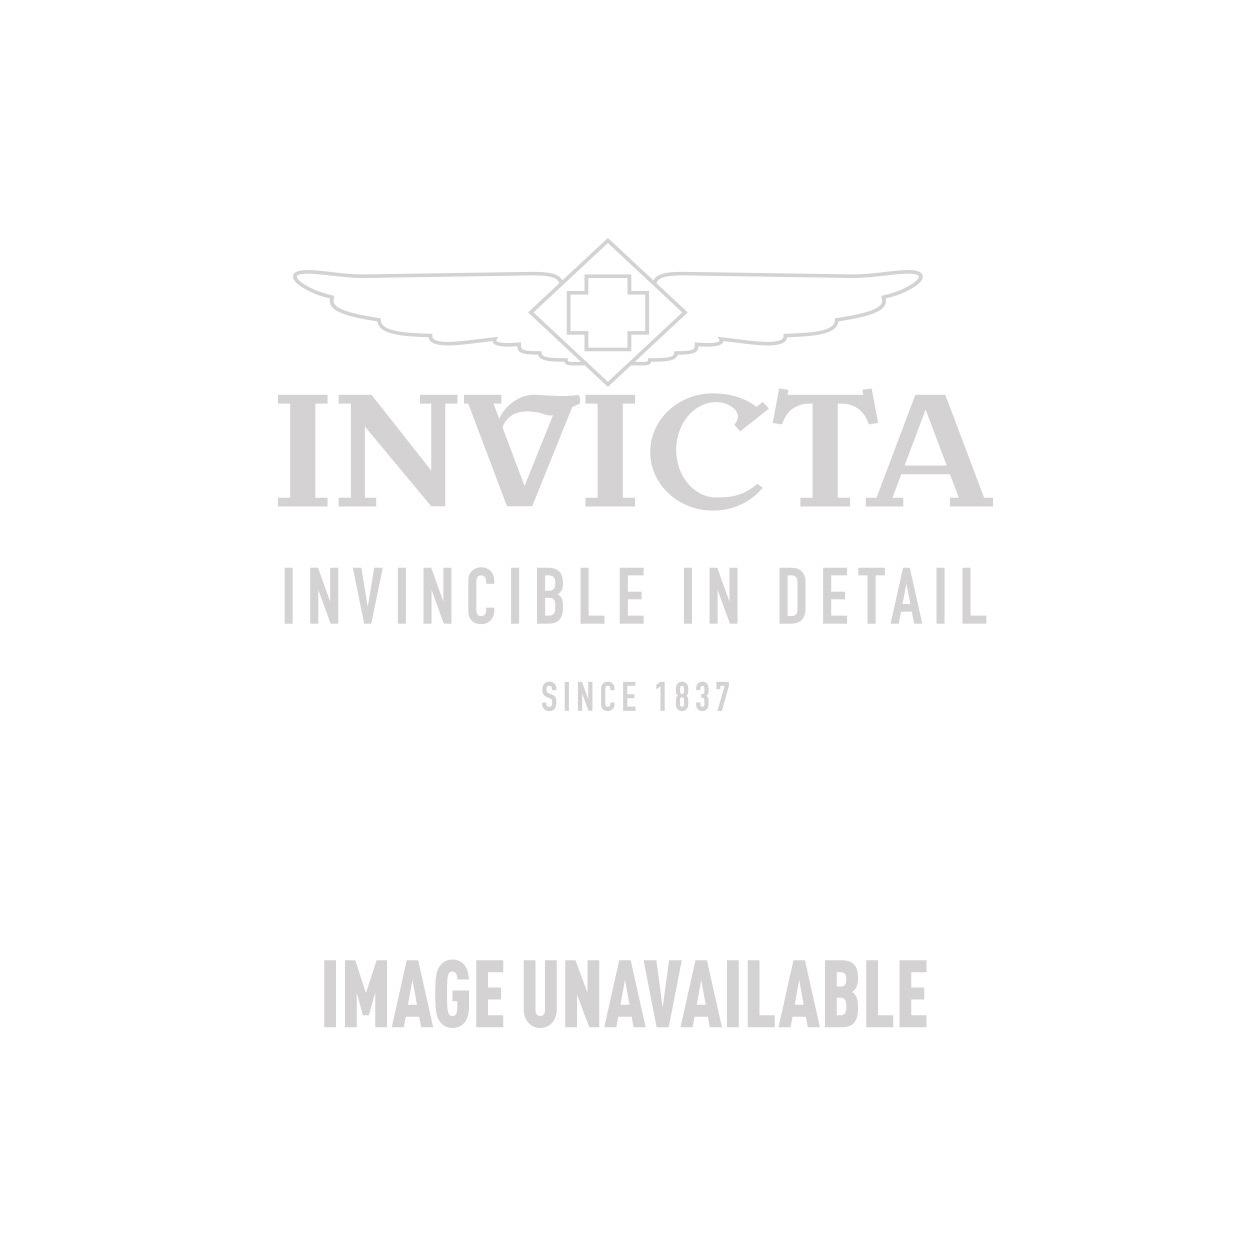 Invicta Model 27969